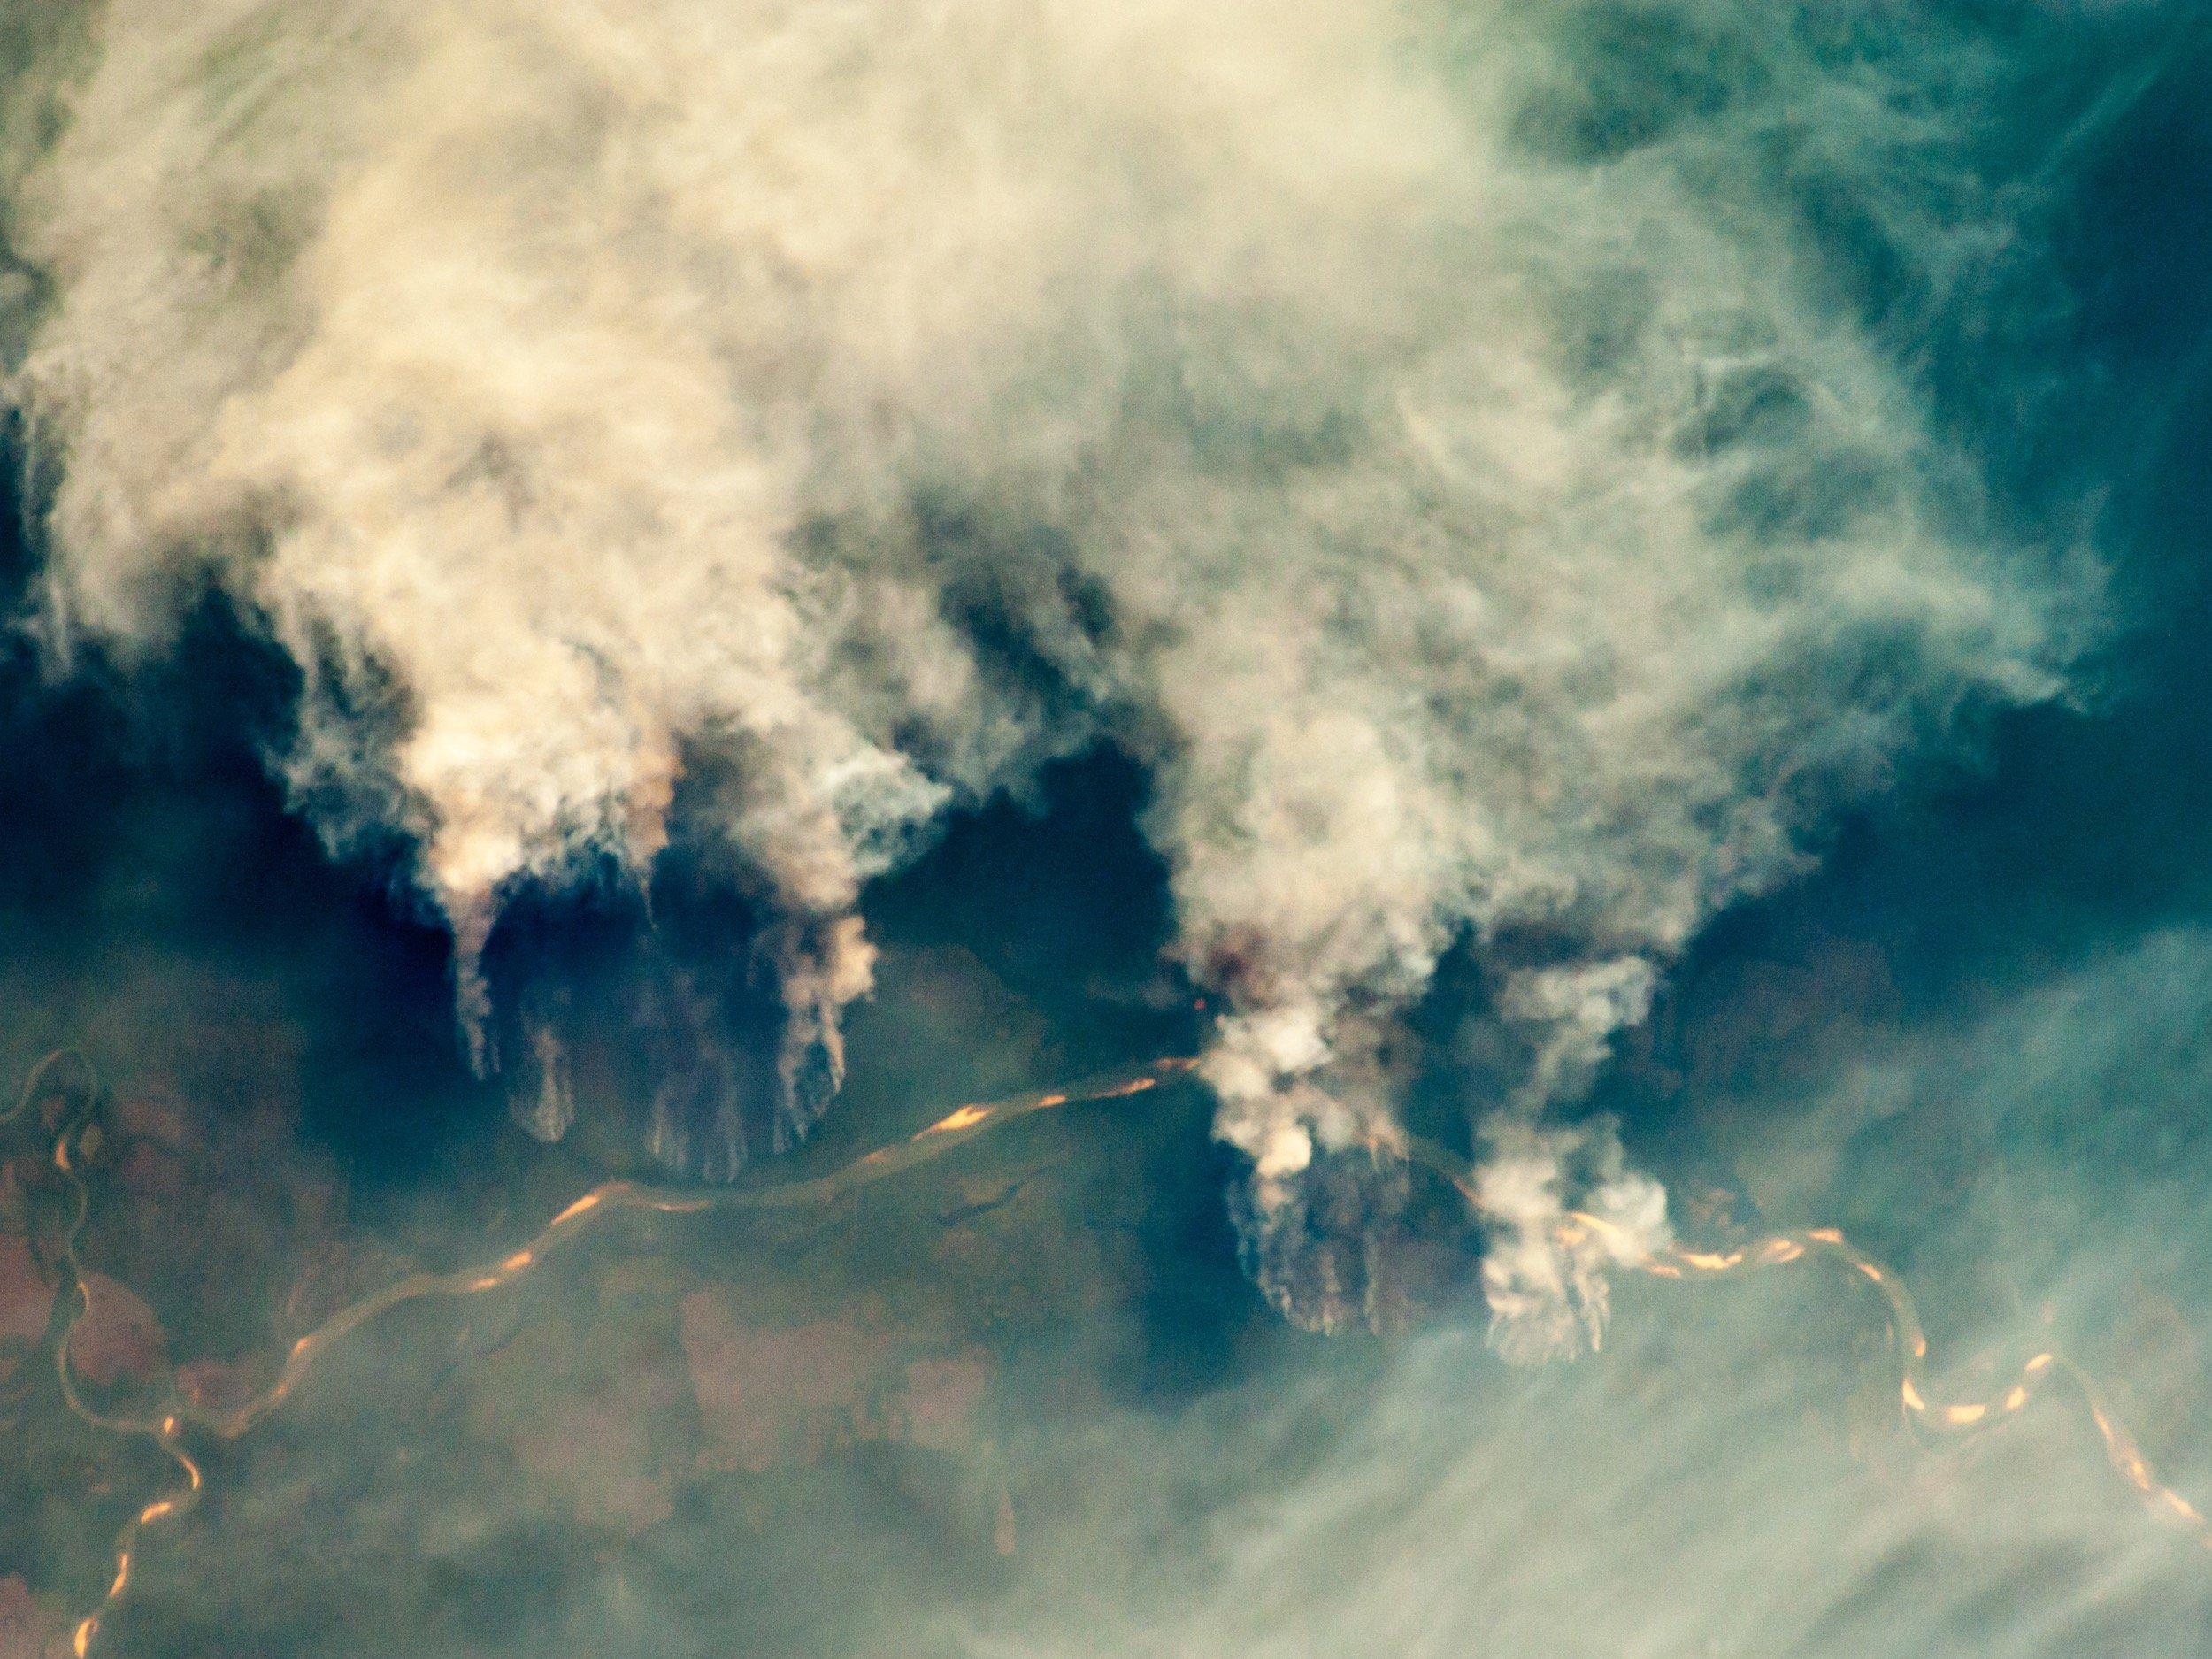 Luftaufnahme des brennenden Amazonas. Man sieht die enorme Rauchentwicklung.